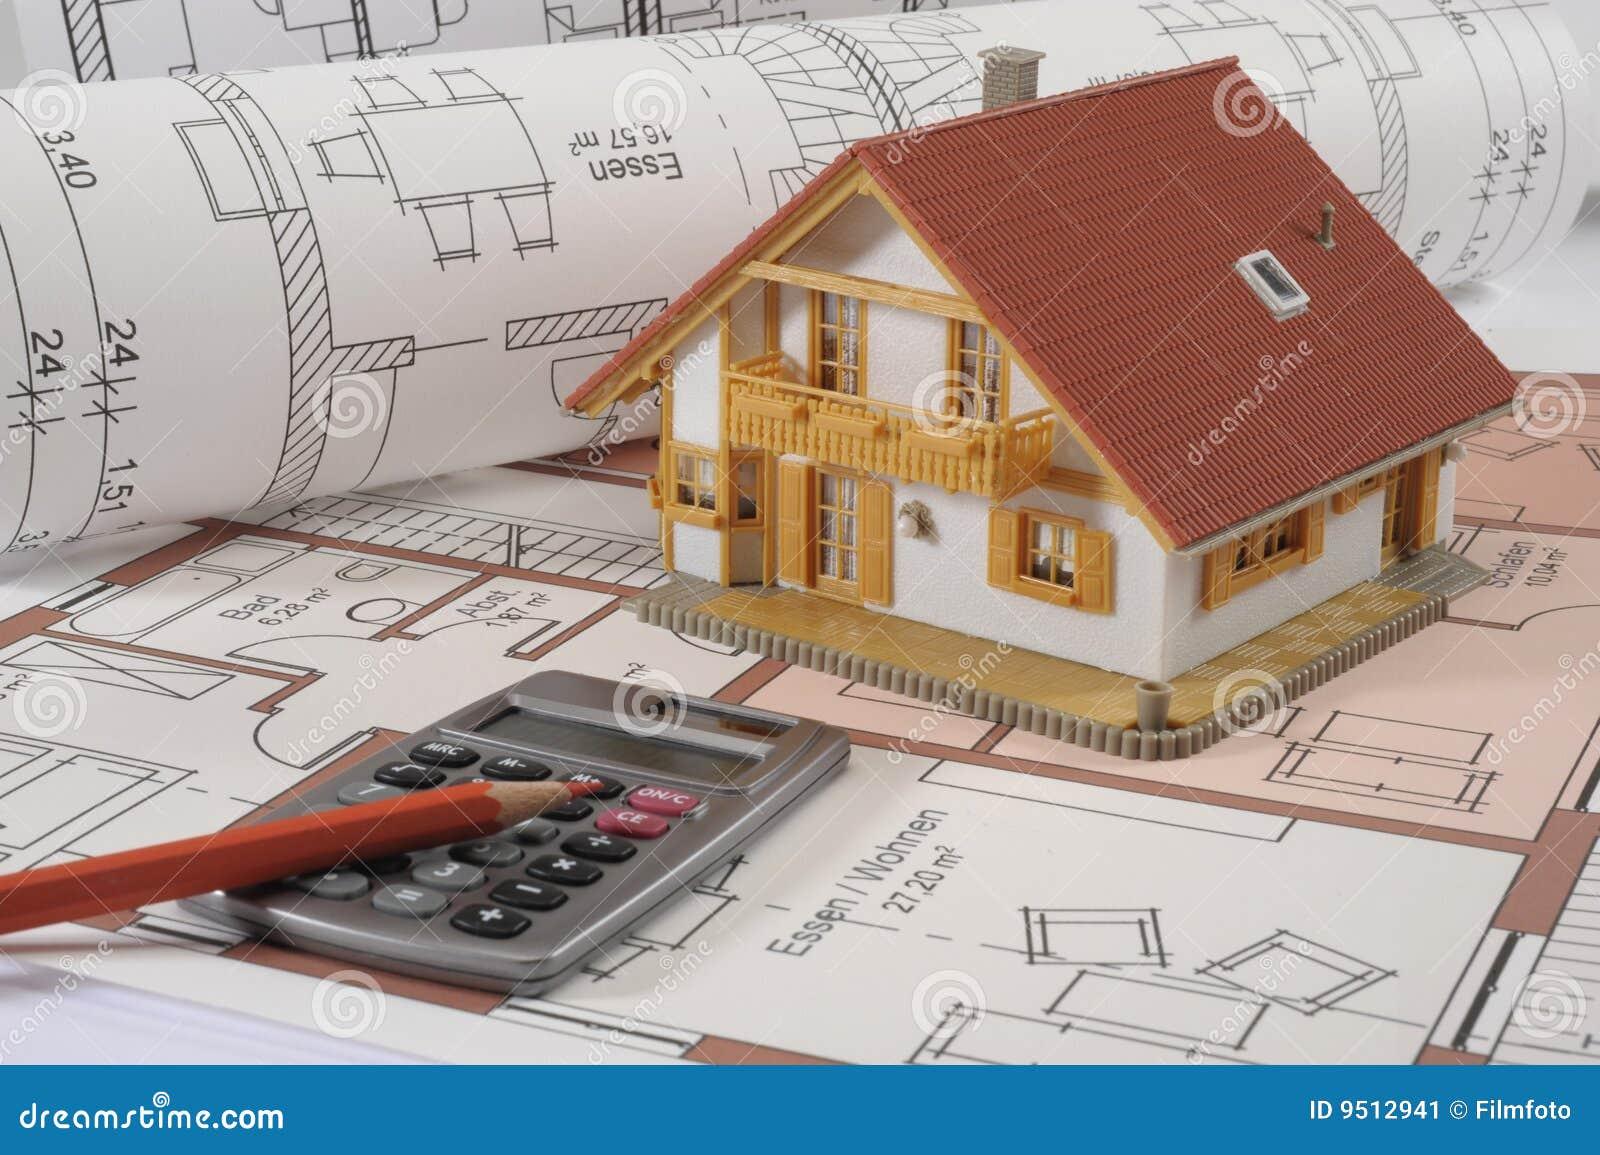 Plan de la construcción de viviendas